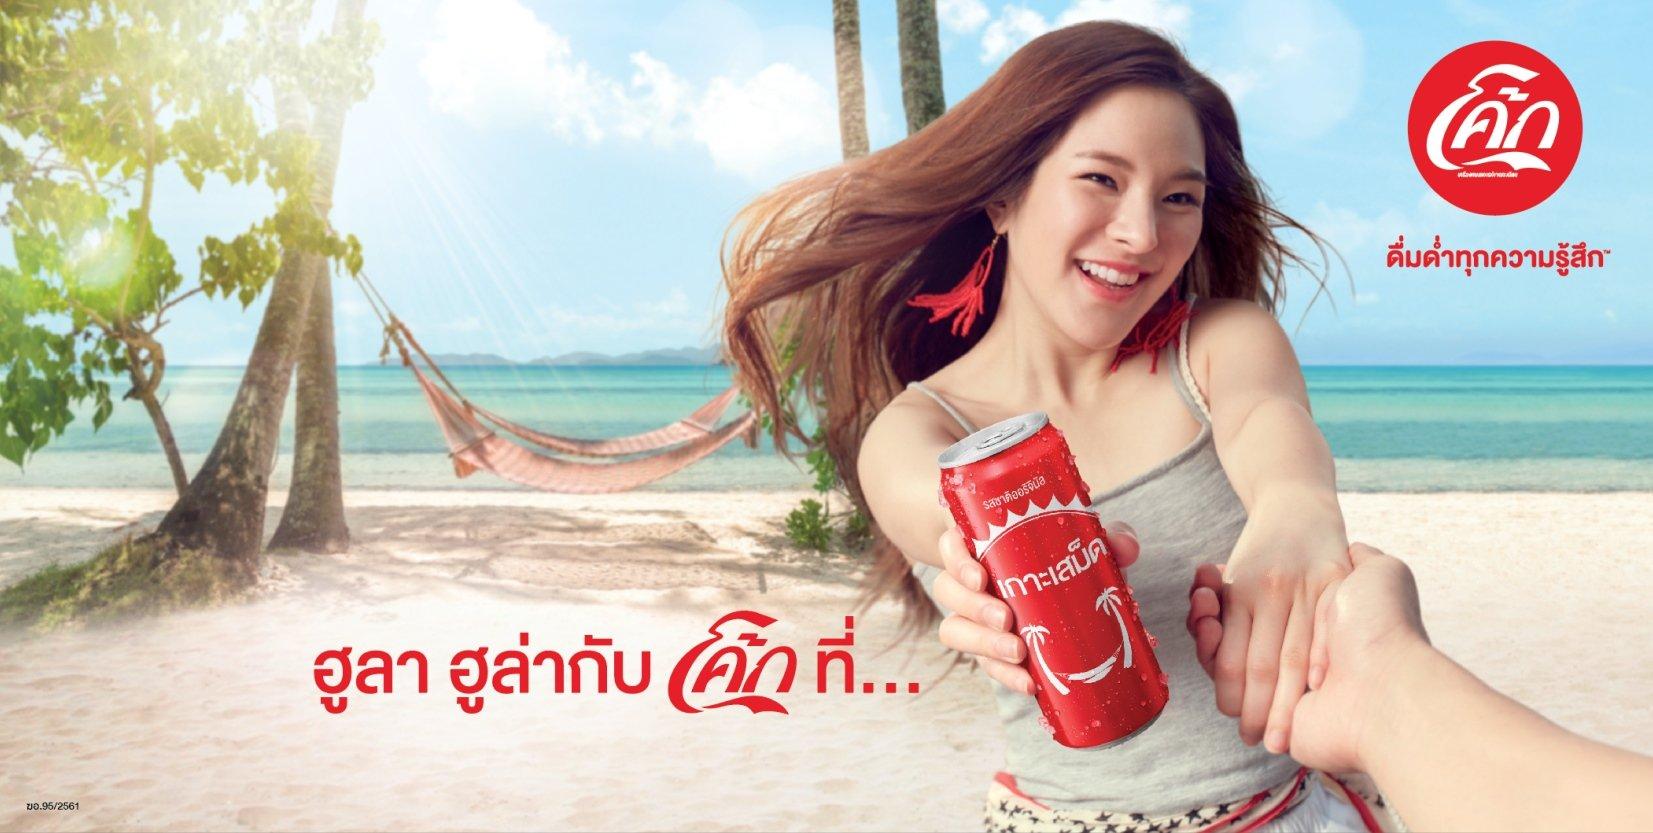 โค้ก' ชวนเที่ยวไทยกับแคมเปญใหม่ 'ฮูลาฮูล่ากับโค้กหน้าร้อนนี้' เปิดตัว 24 ฉลากใหม่ต้อนรับเทศกาลแห่งการเดินทางช่วงฤดูร้อน 13 -